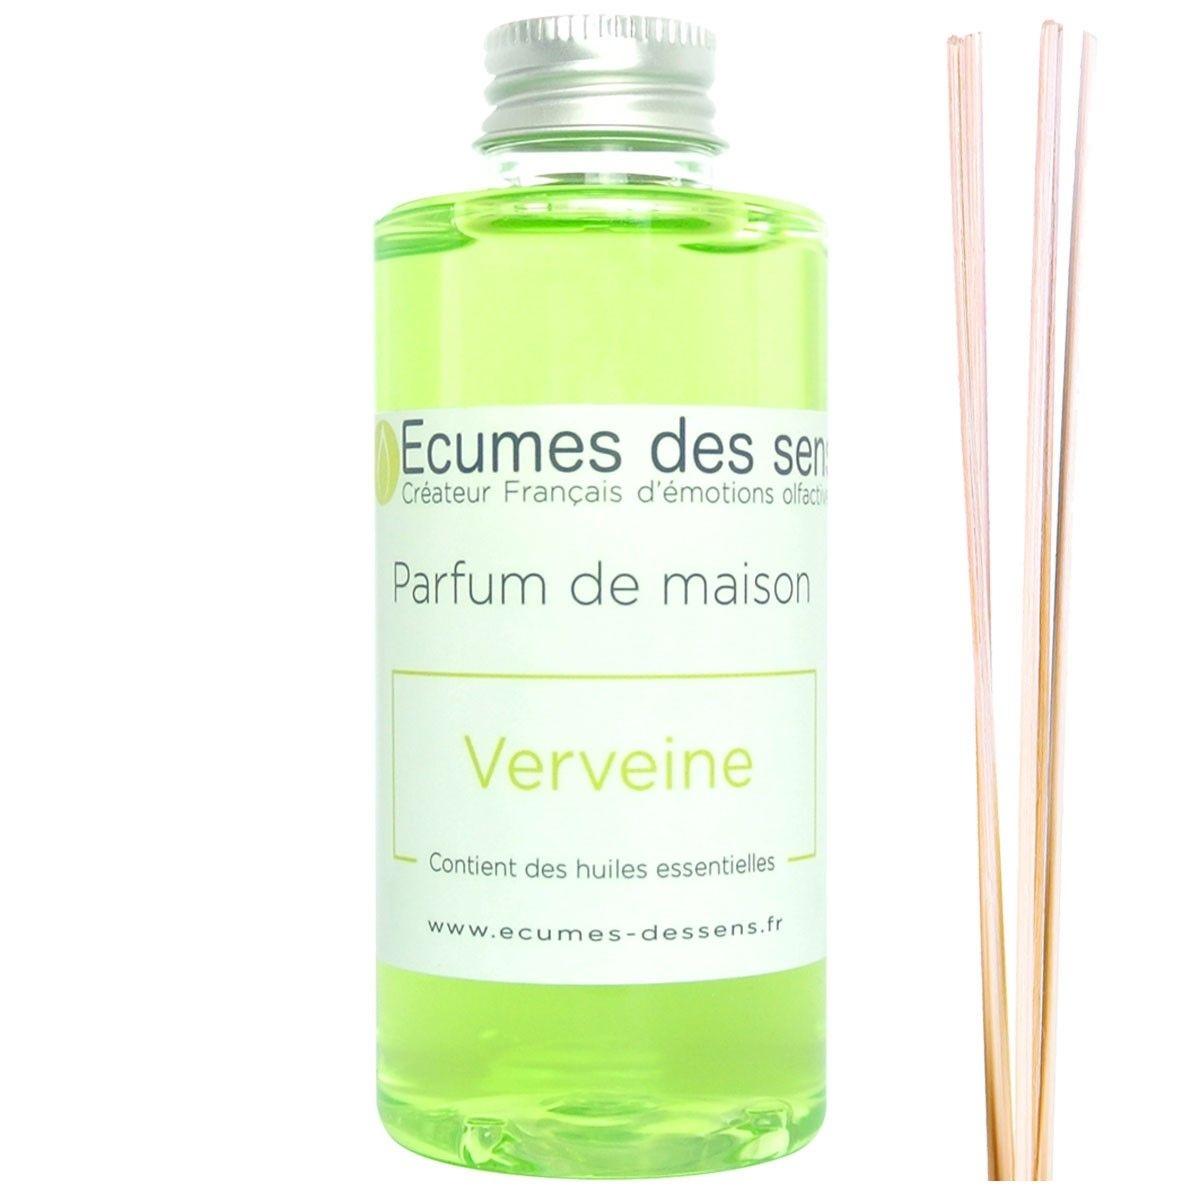 Parfum de maison senteur Verveine enrichi en huiles essentielles